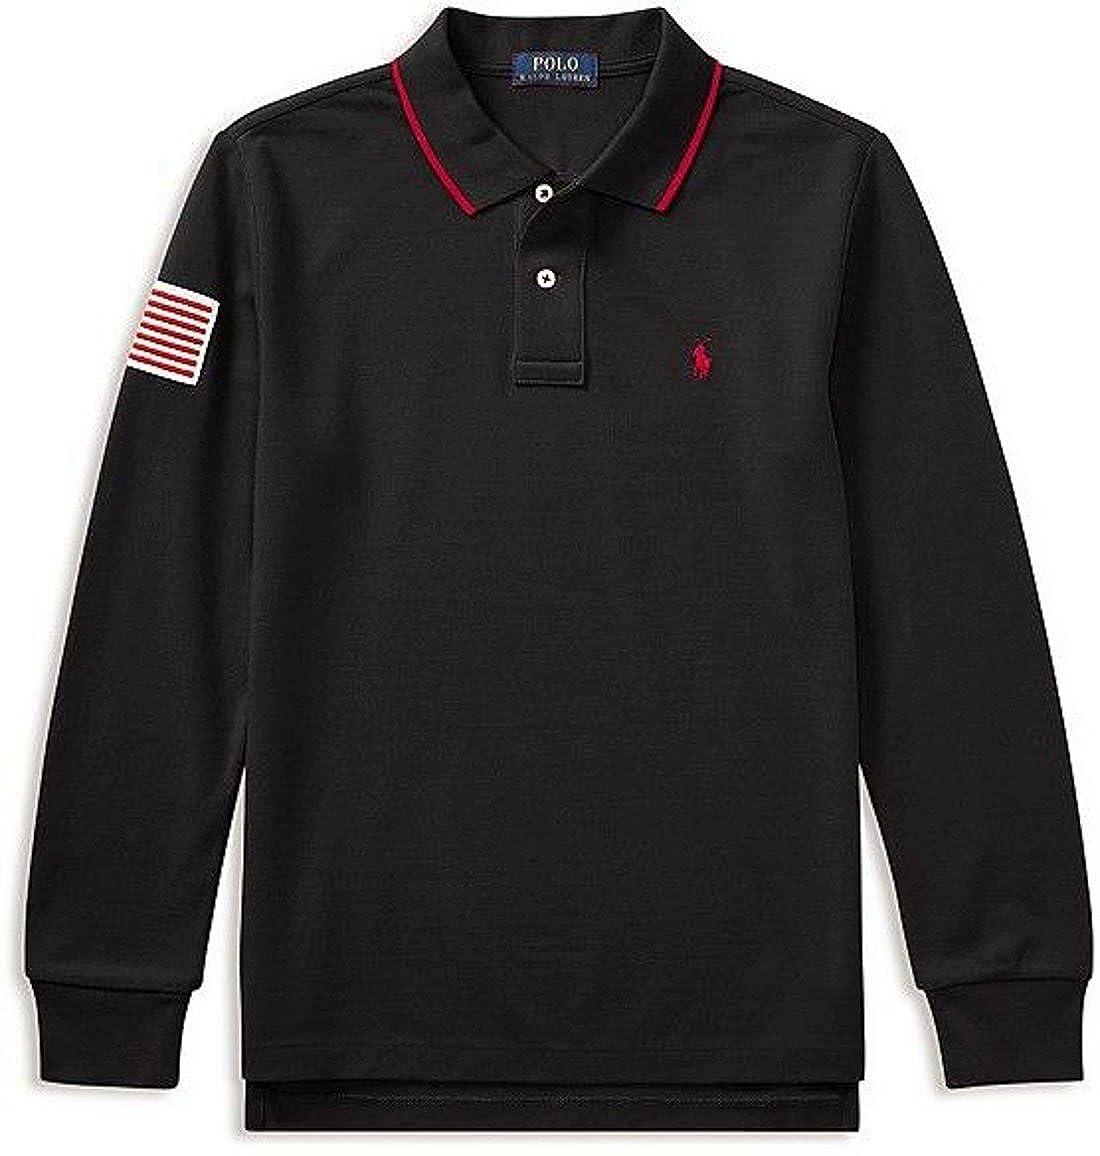 18-20 RALPH LAUREN Polo Boys Long-Sleeve Polo Size XL